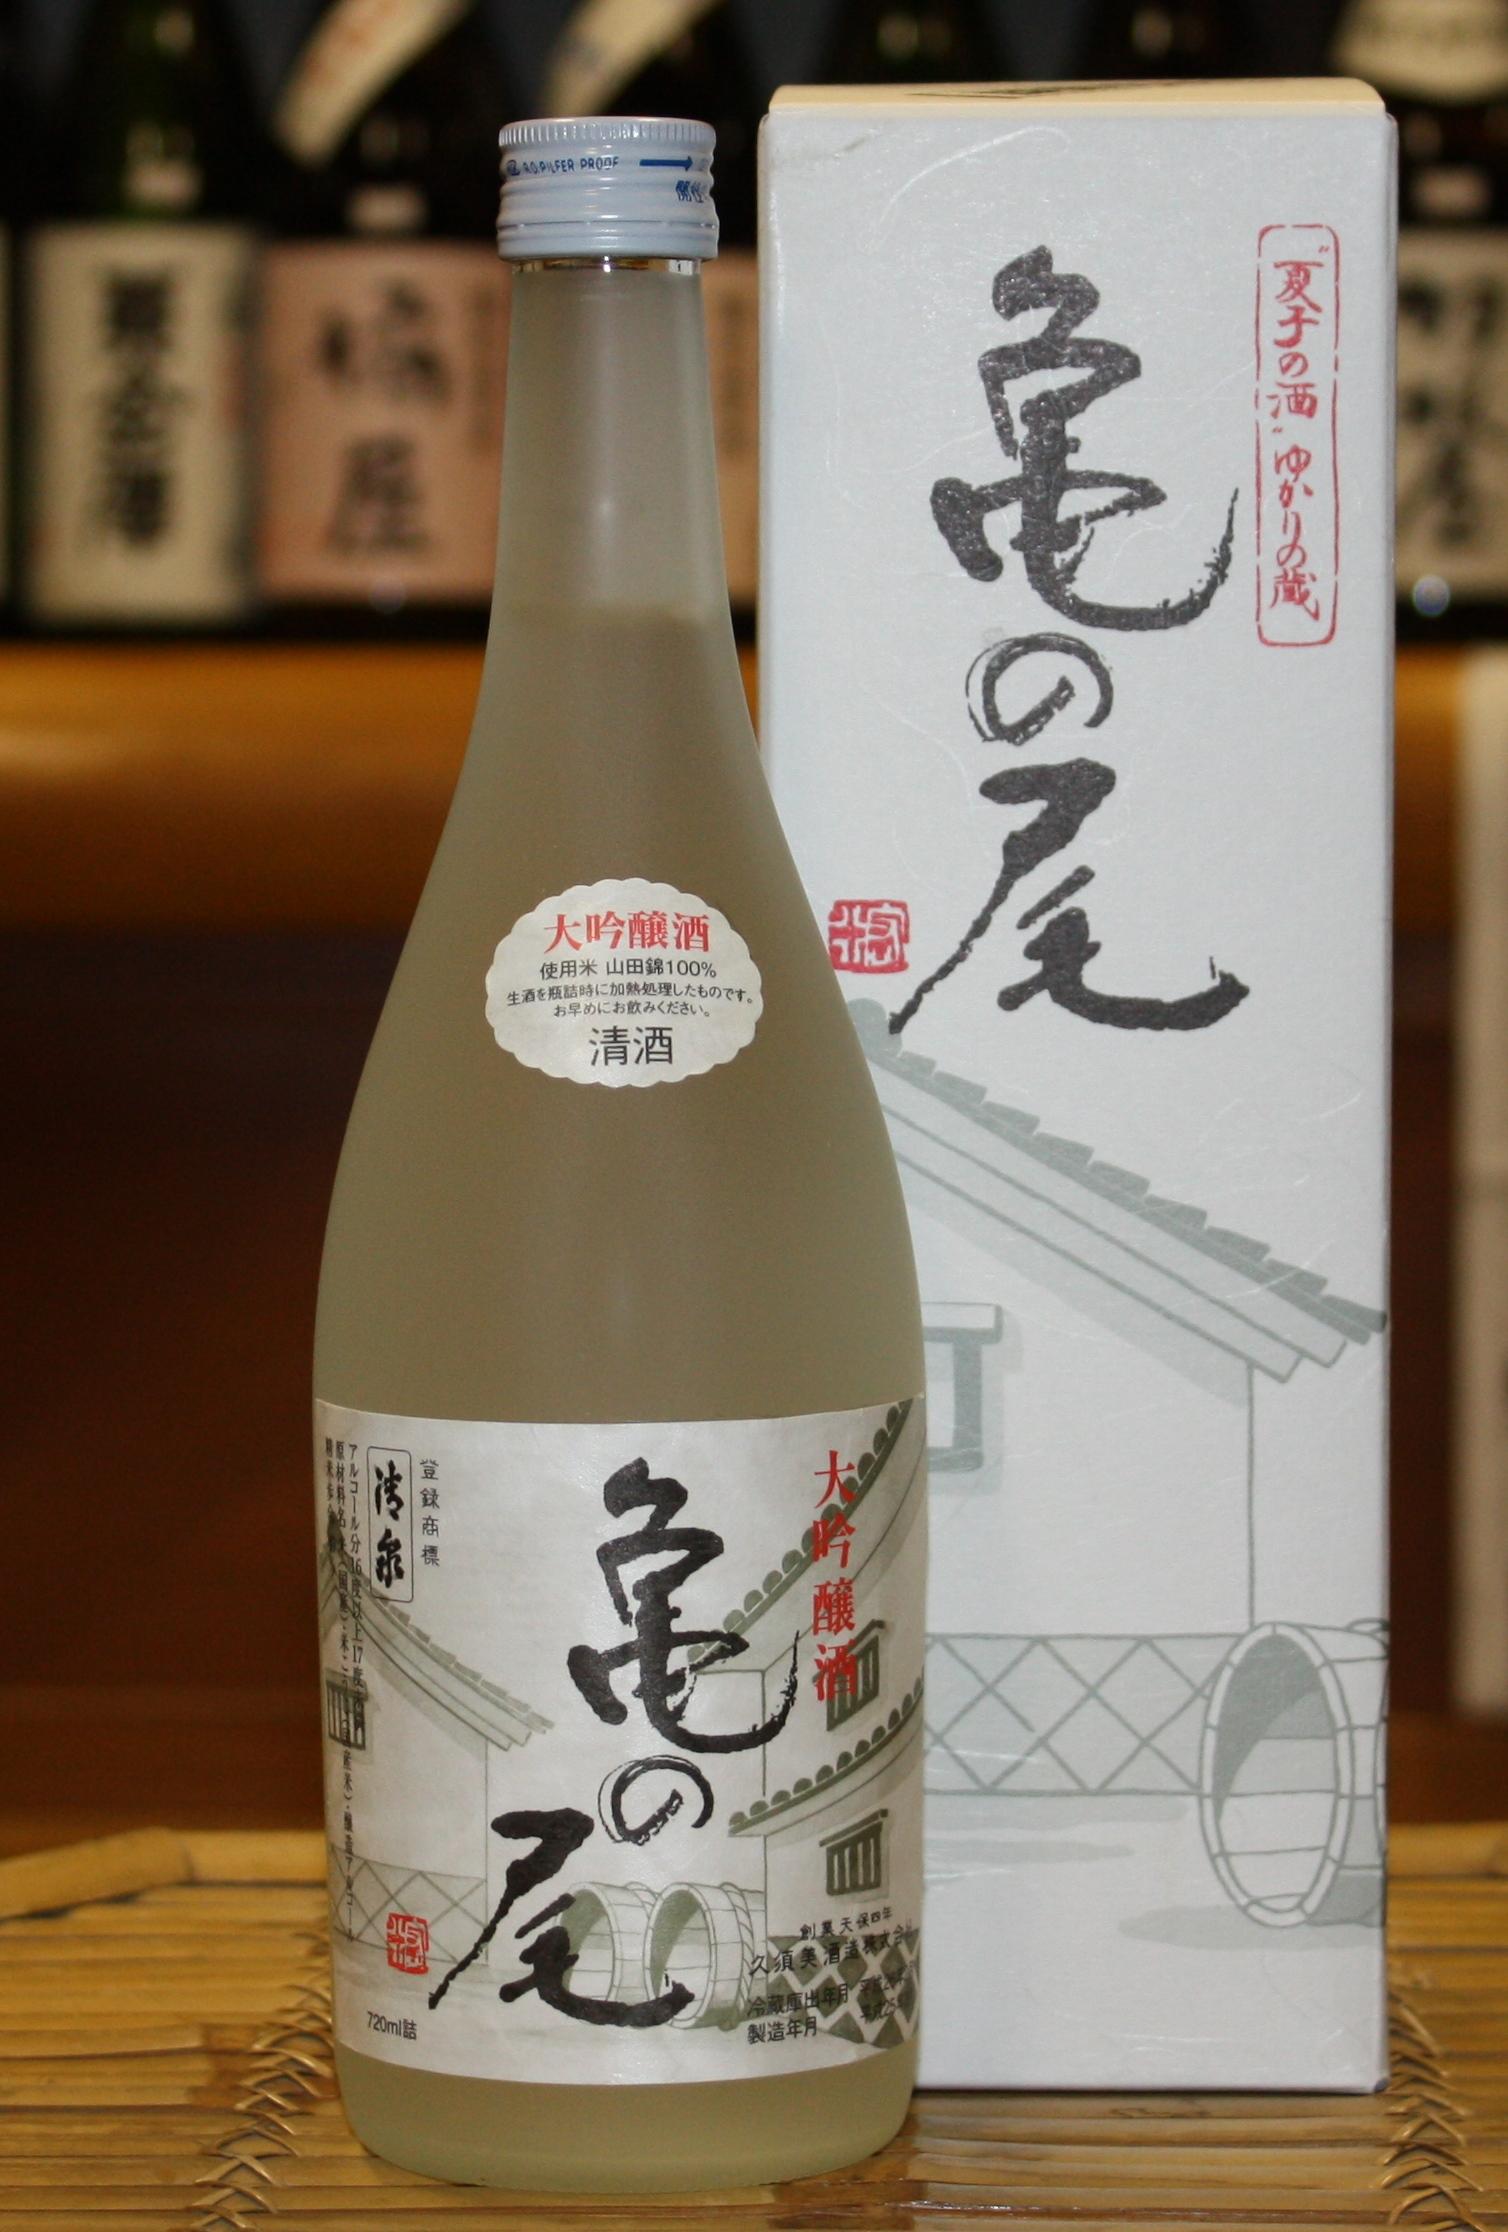 清泉 亀の尾 大吟醸生貯蔵 720ml 【新潟/久須美酒造】